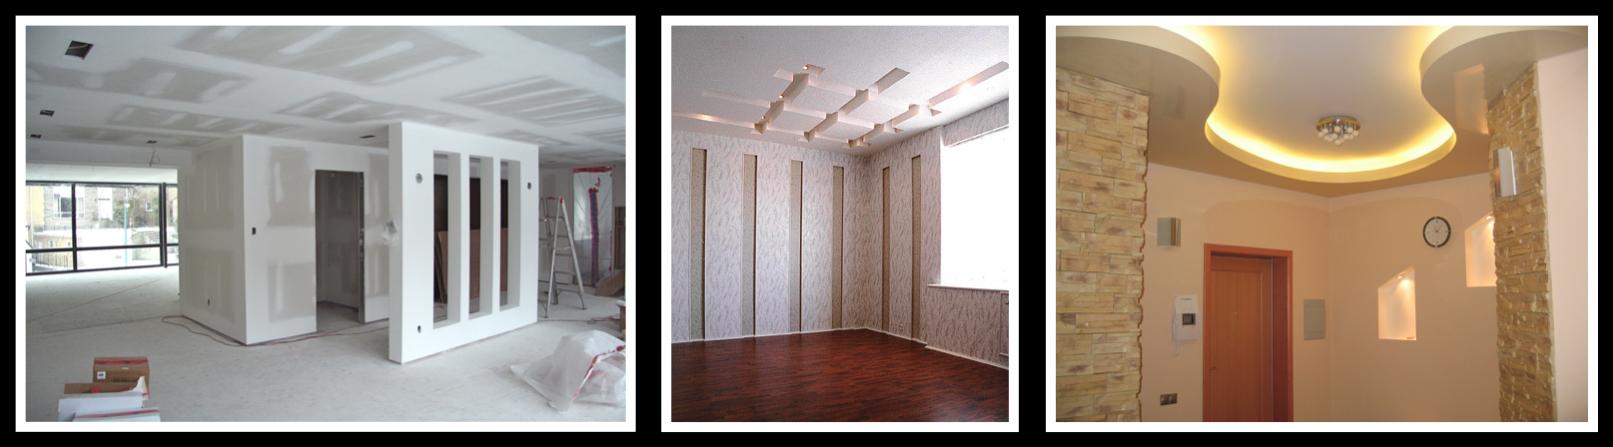 Pareti Divisorie Mobili Per Appartamenti ~ Trova le Migliori idee per Mobili e Interni di Design